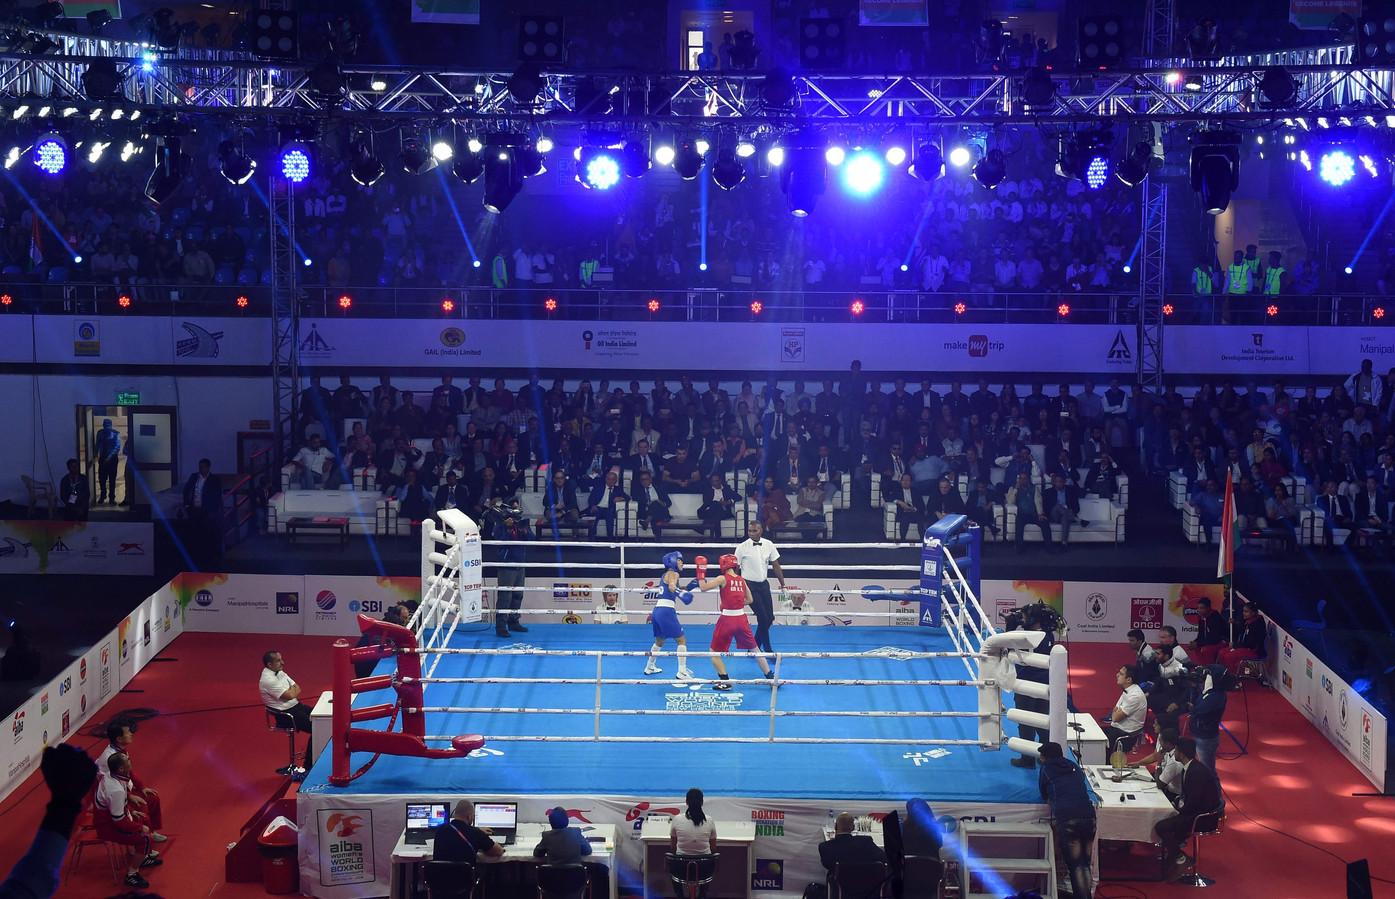 Een bokswedstrijd tijdens het wereldkampioenschap voor vrouwen tot 48 kilogram.